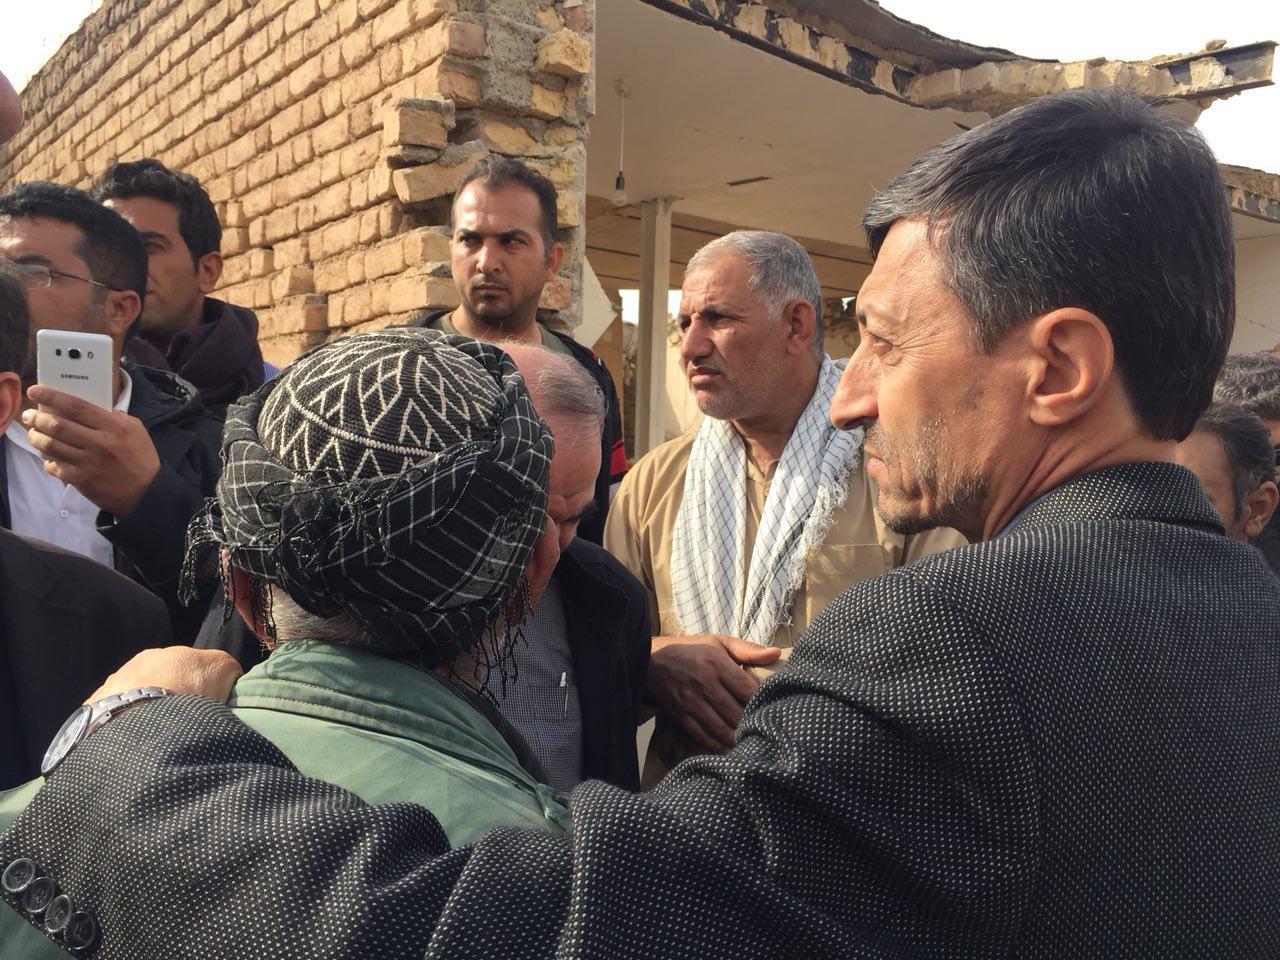 120 خانواده تحت پوشش کمیته امداد در زلزله داغدار شدند/ آسیب به منازل 6 هزار مددجو